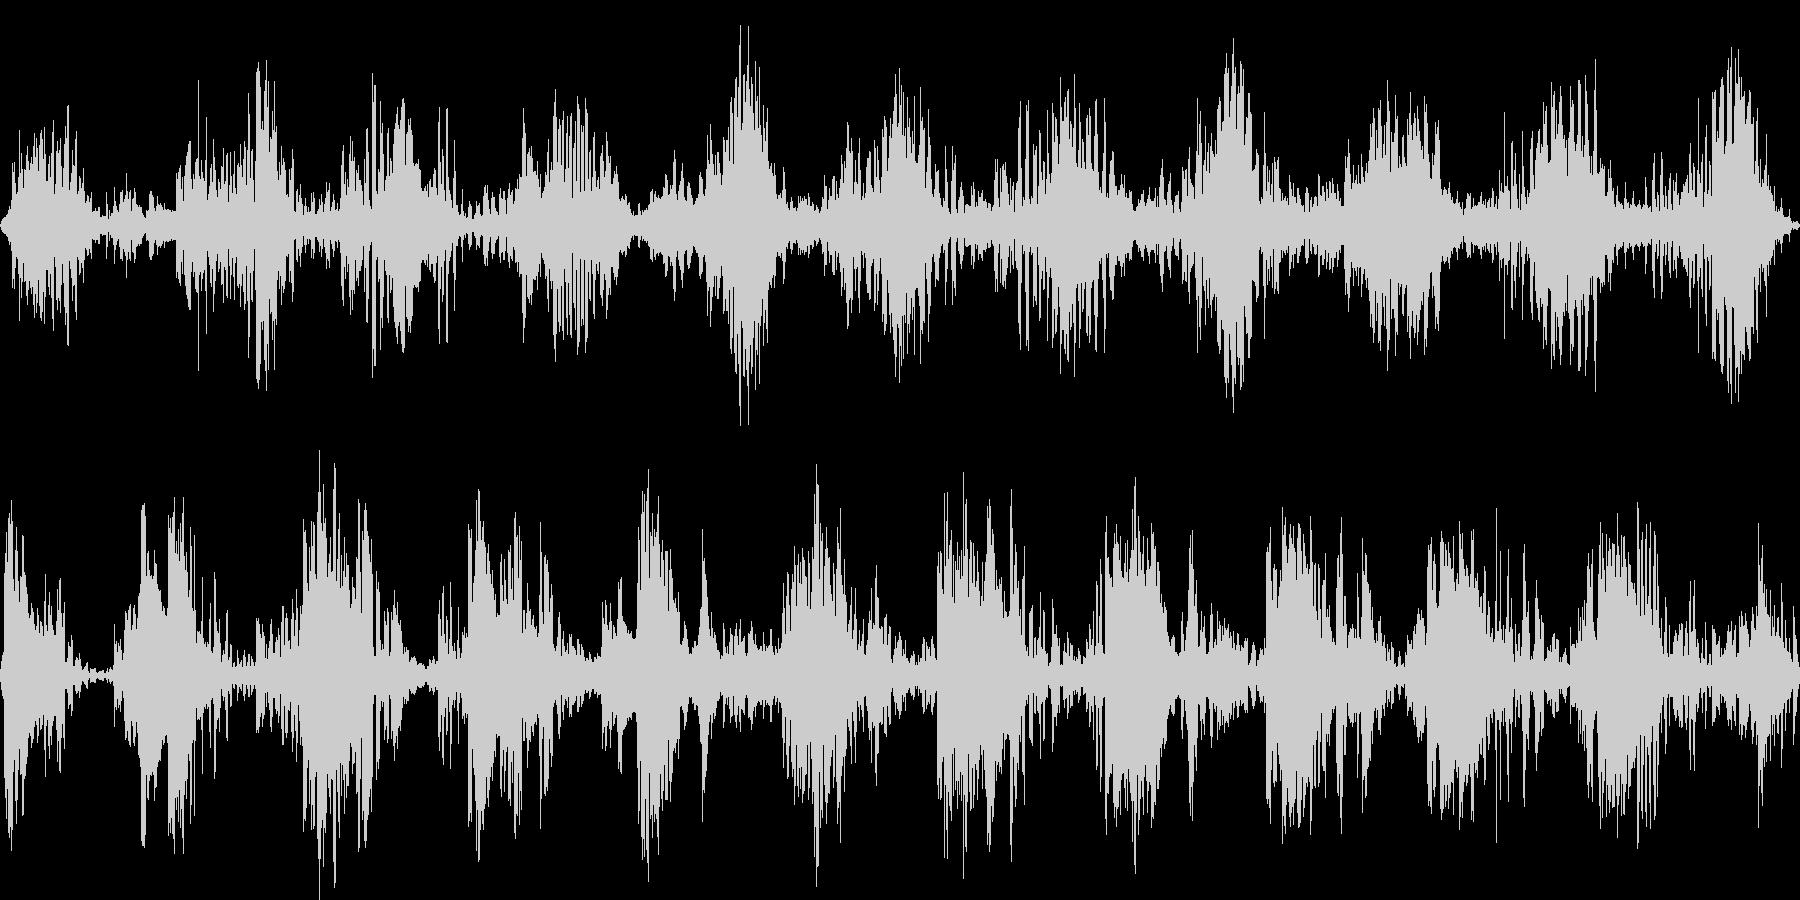 くねくねした不思議な環境音の未再生の波形